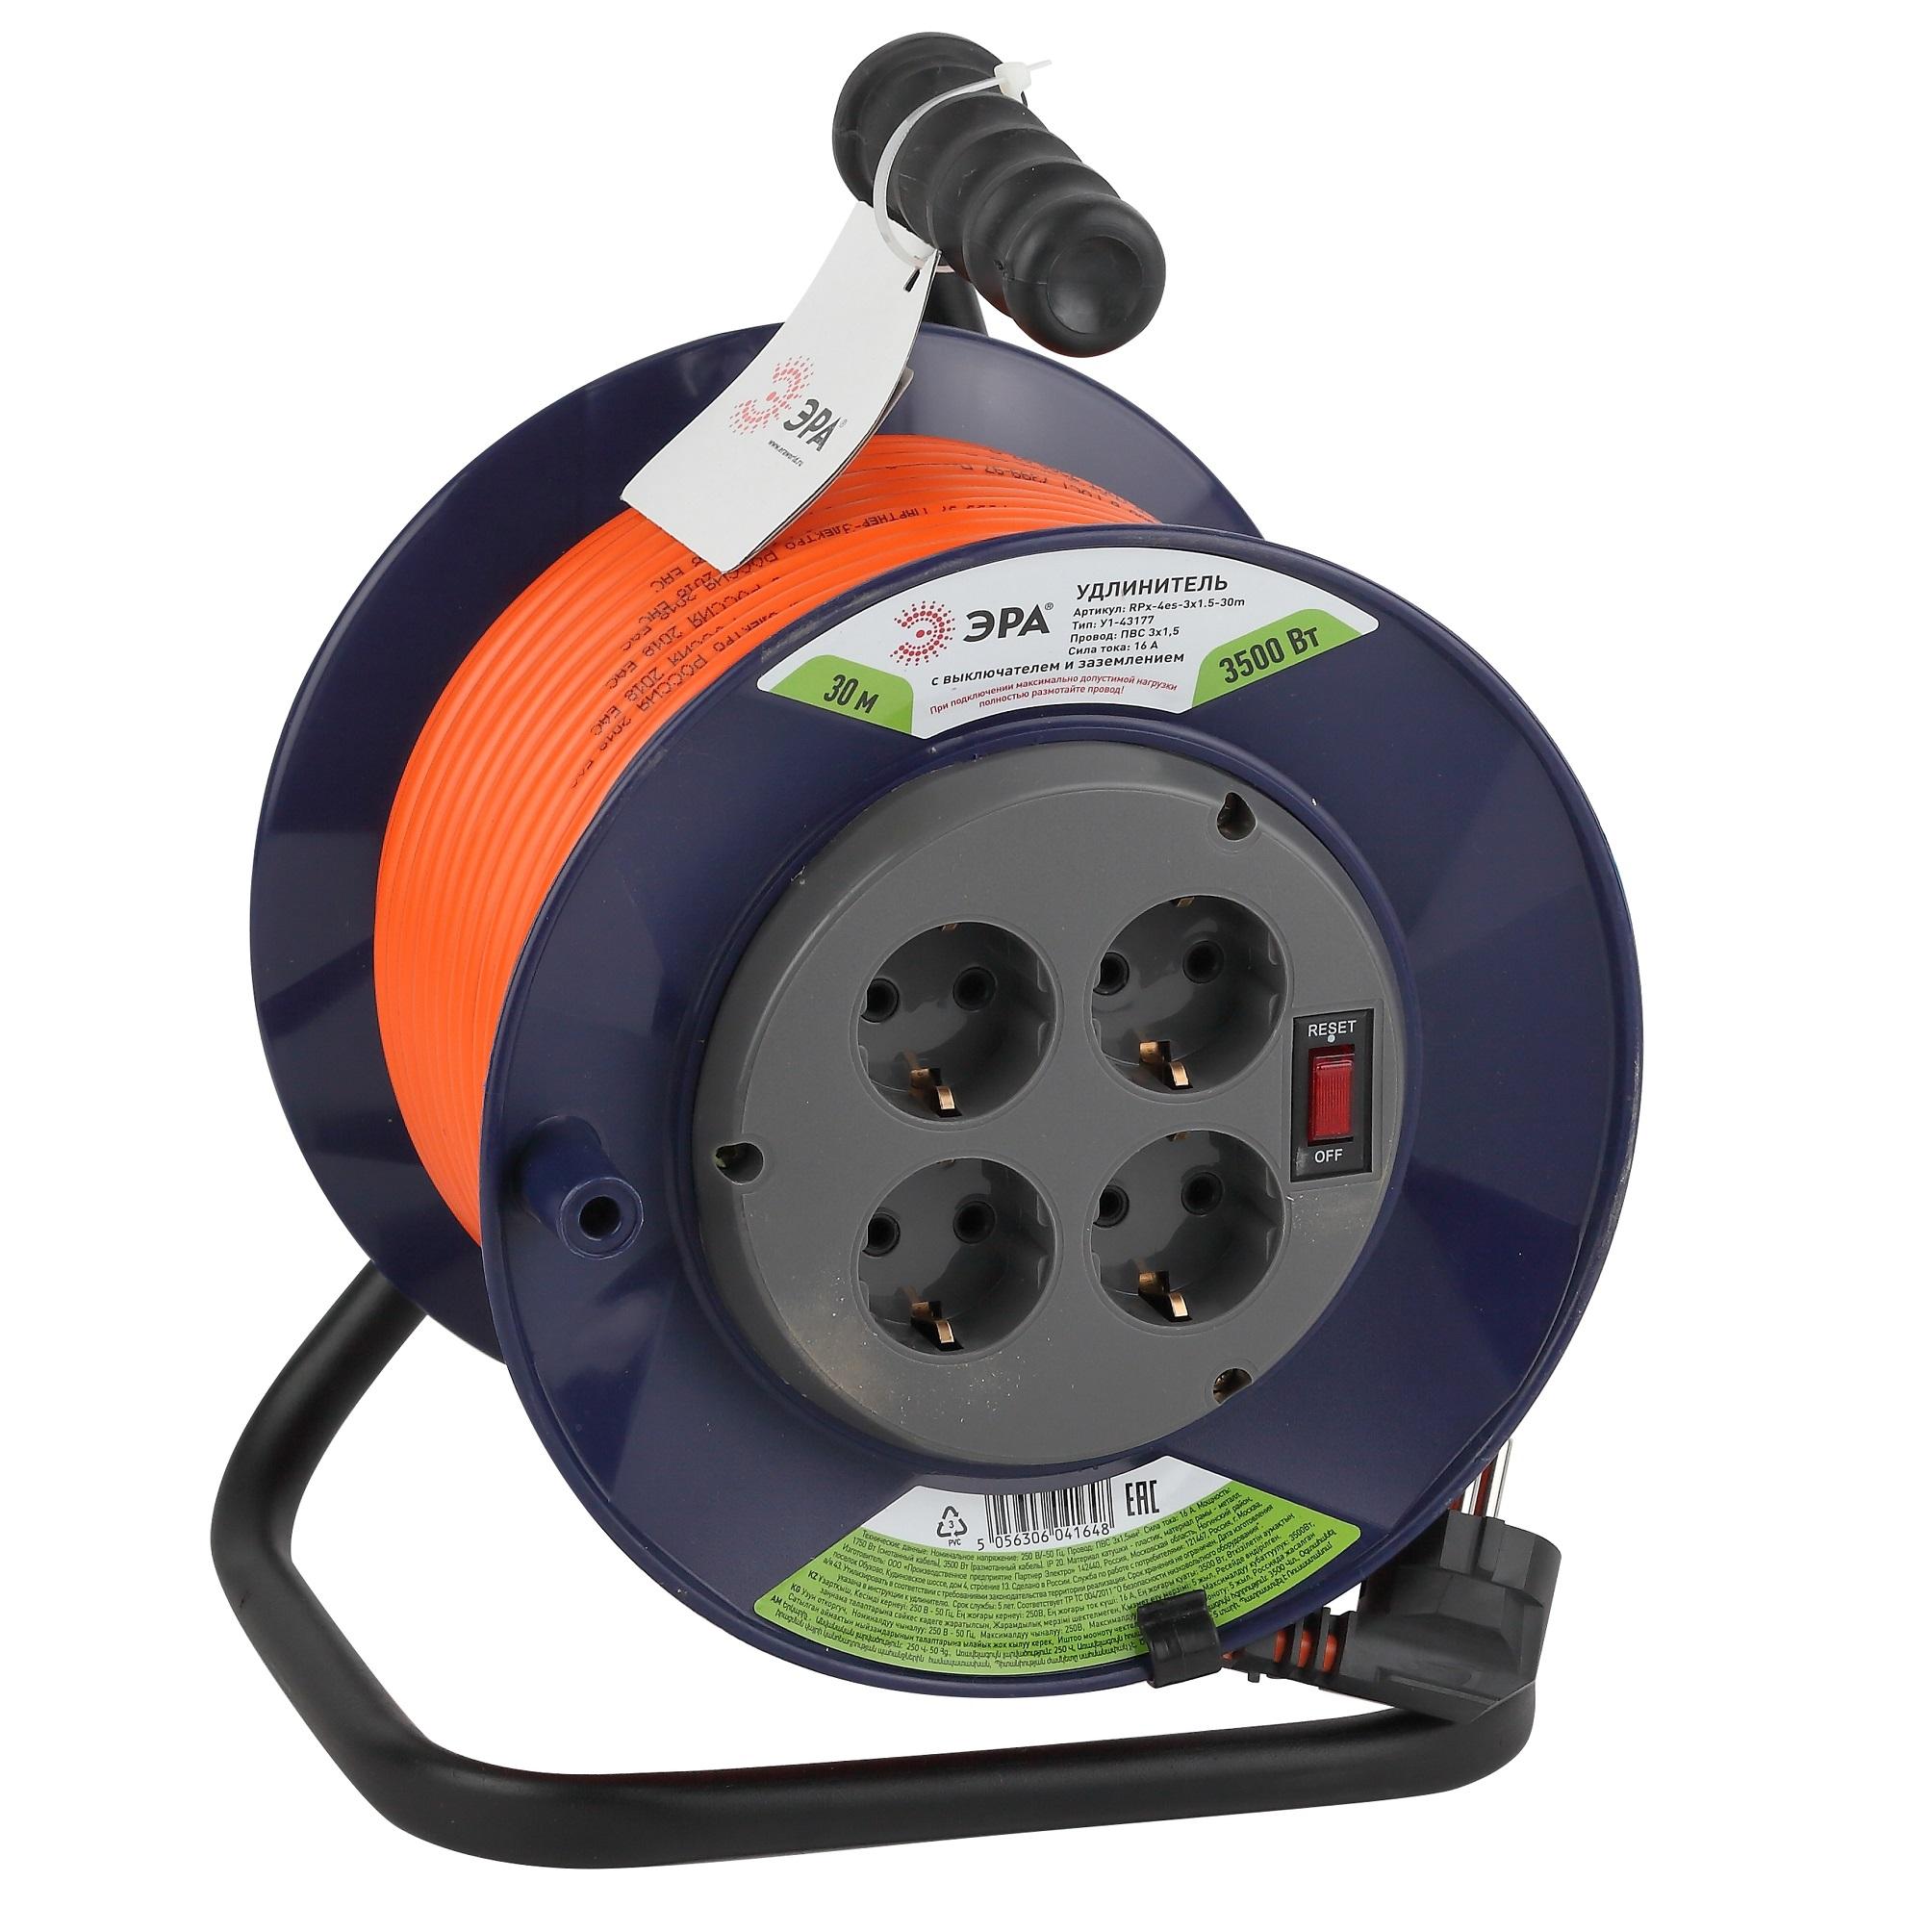 Удлинитель силовой ЭРА RPx-4es-3x1.5-30m на п. катушке c/з 4 гн 30м ПВС 3х1.5 удлинитель эра силовой rpx 4es 3x0 75 30m б0043052